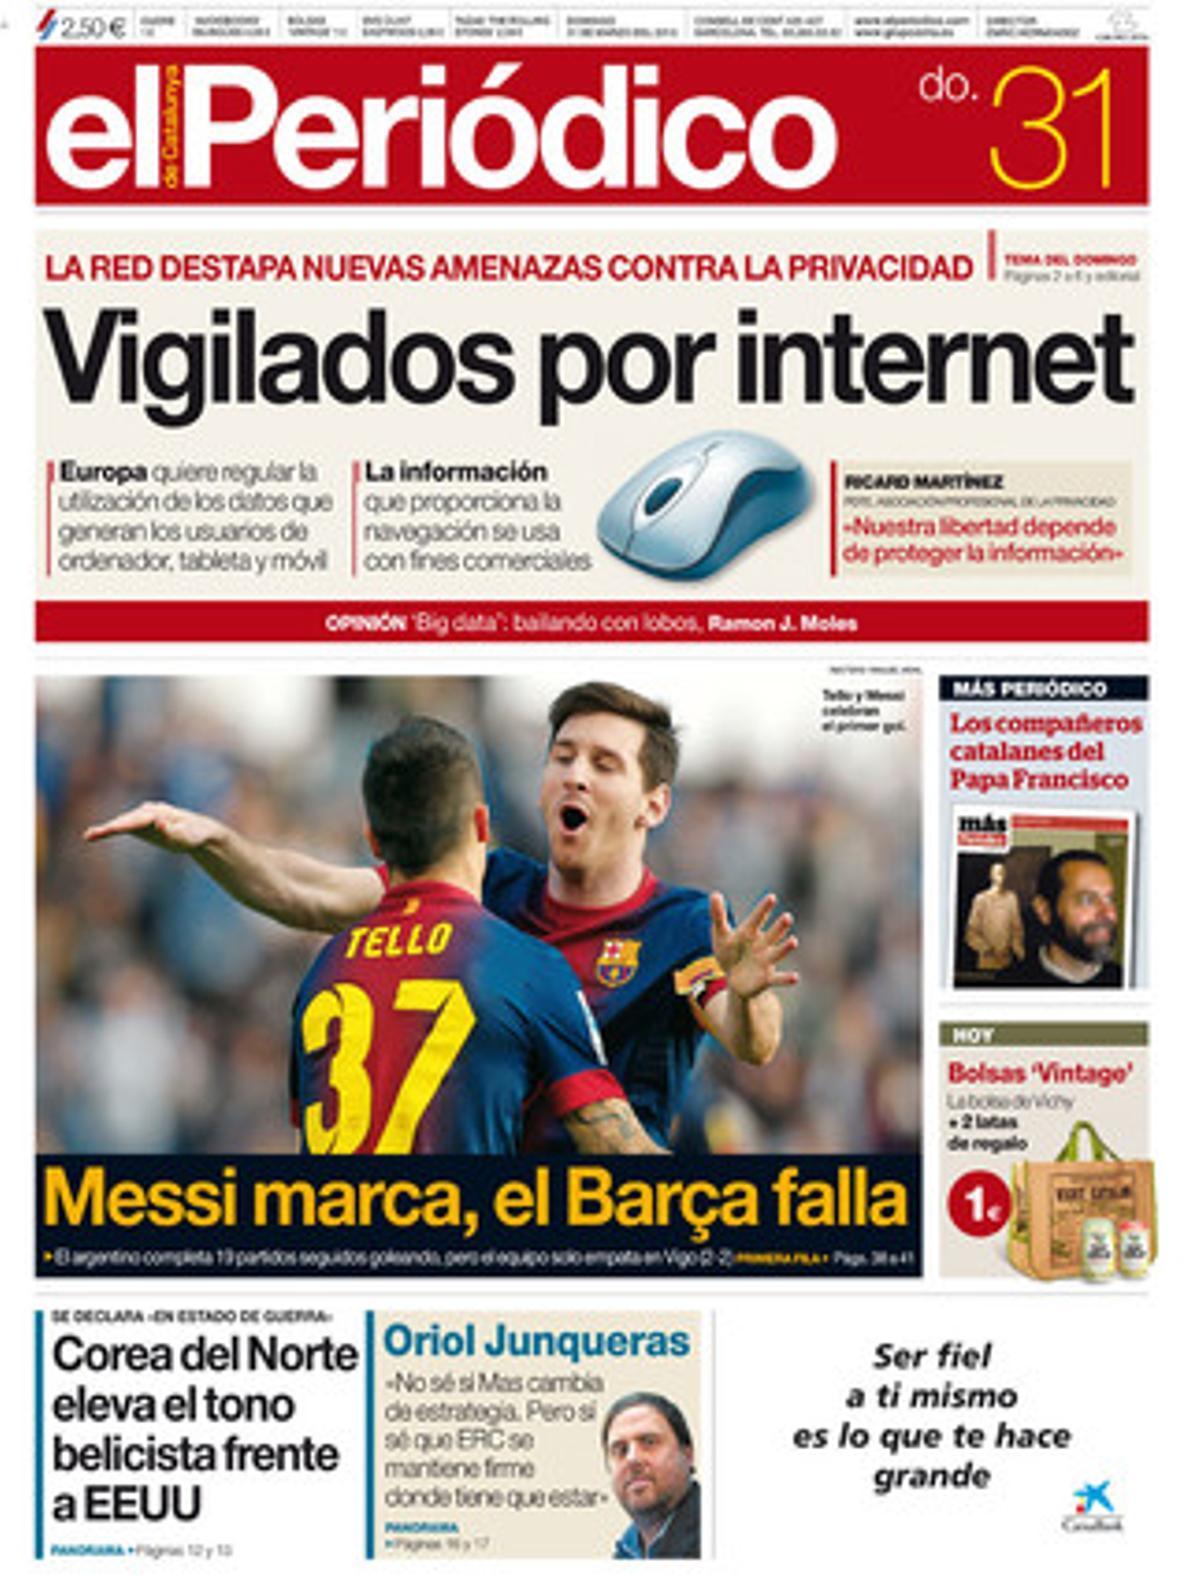 La portada de EL PERIÓDICO (31-3-2013).